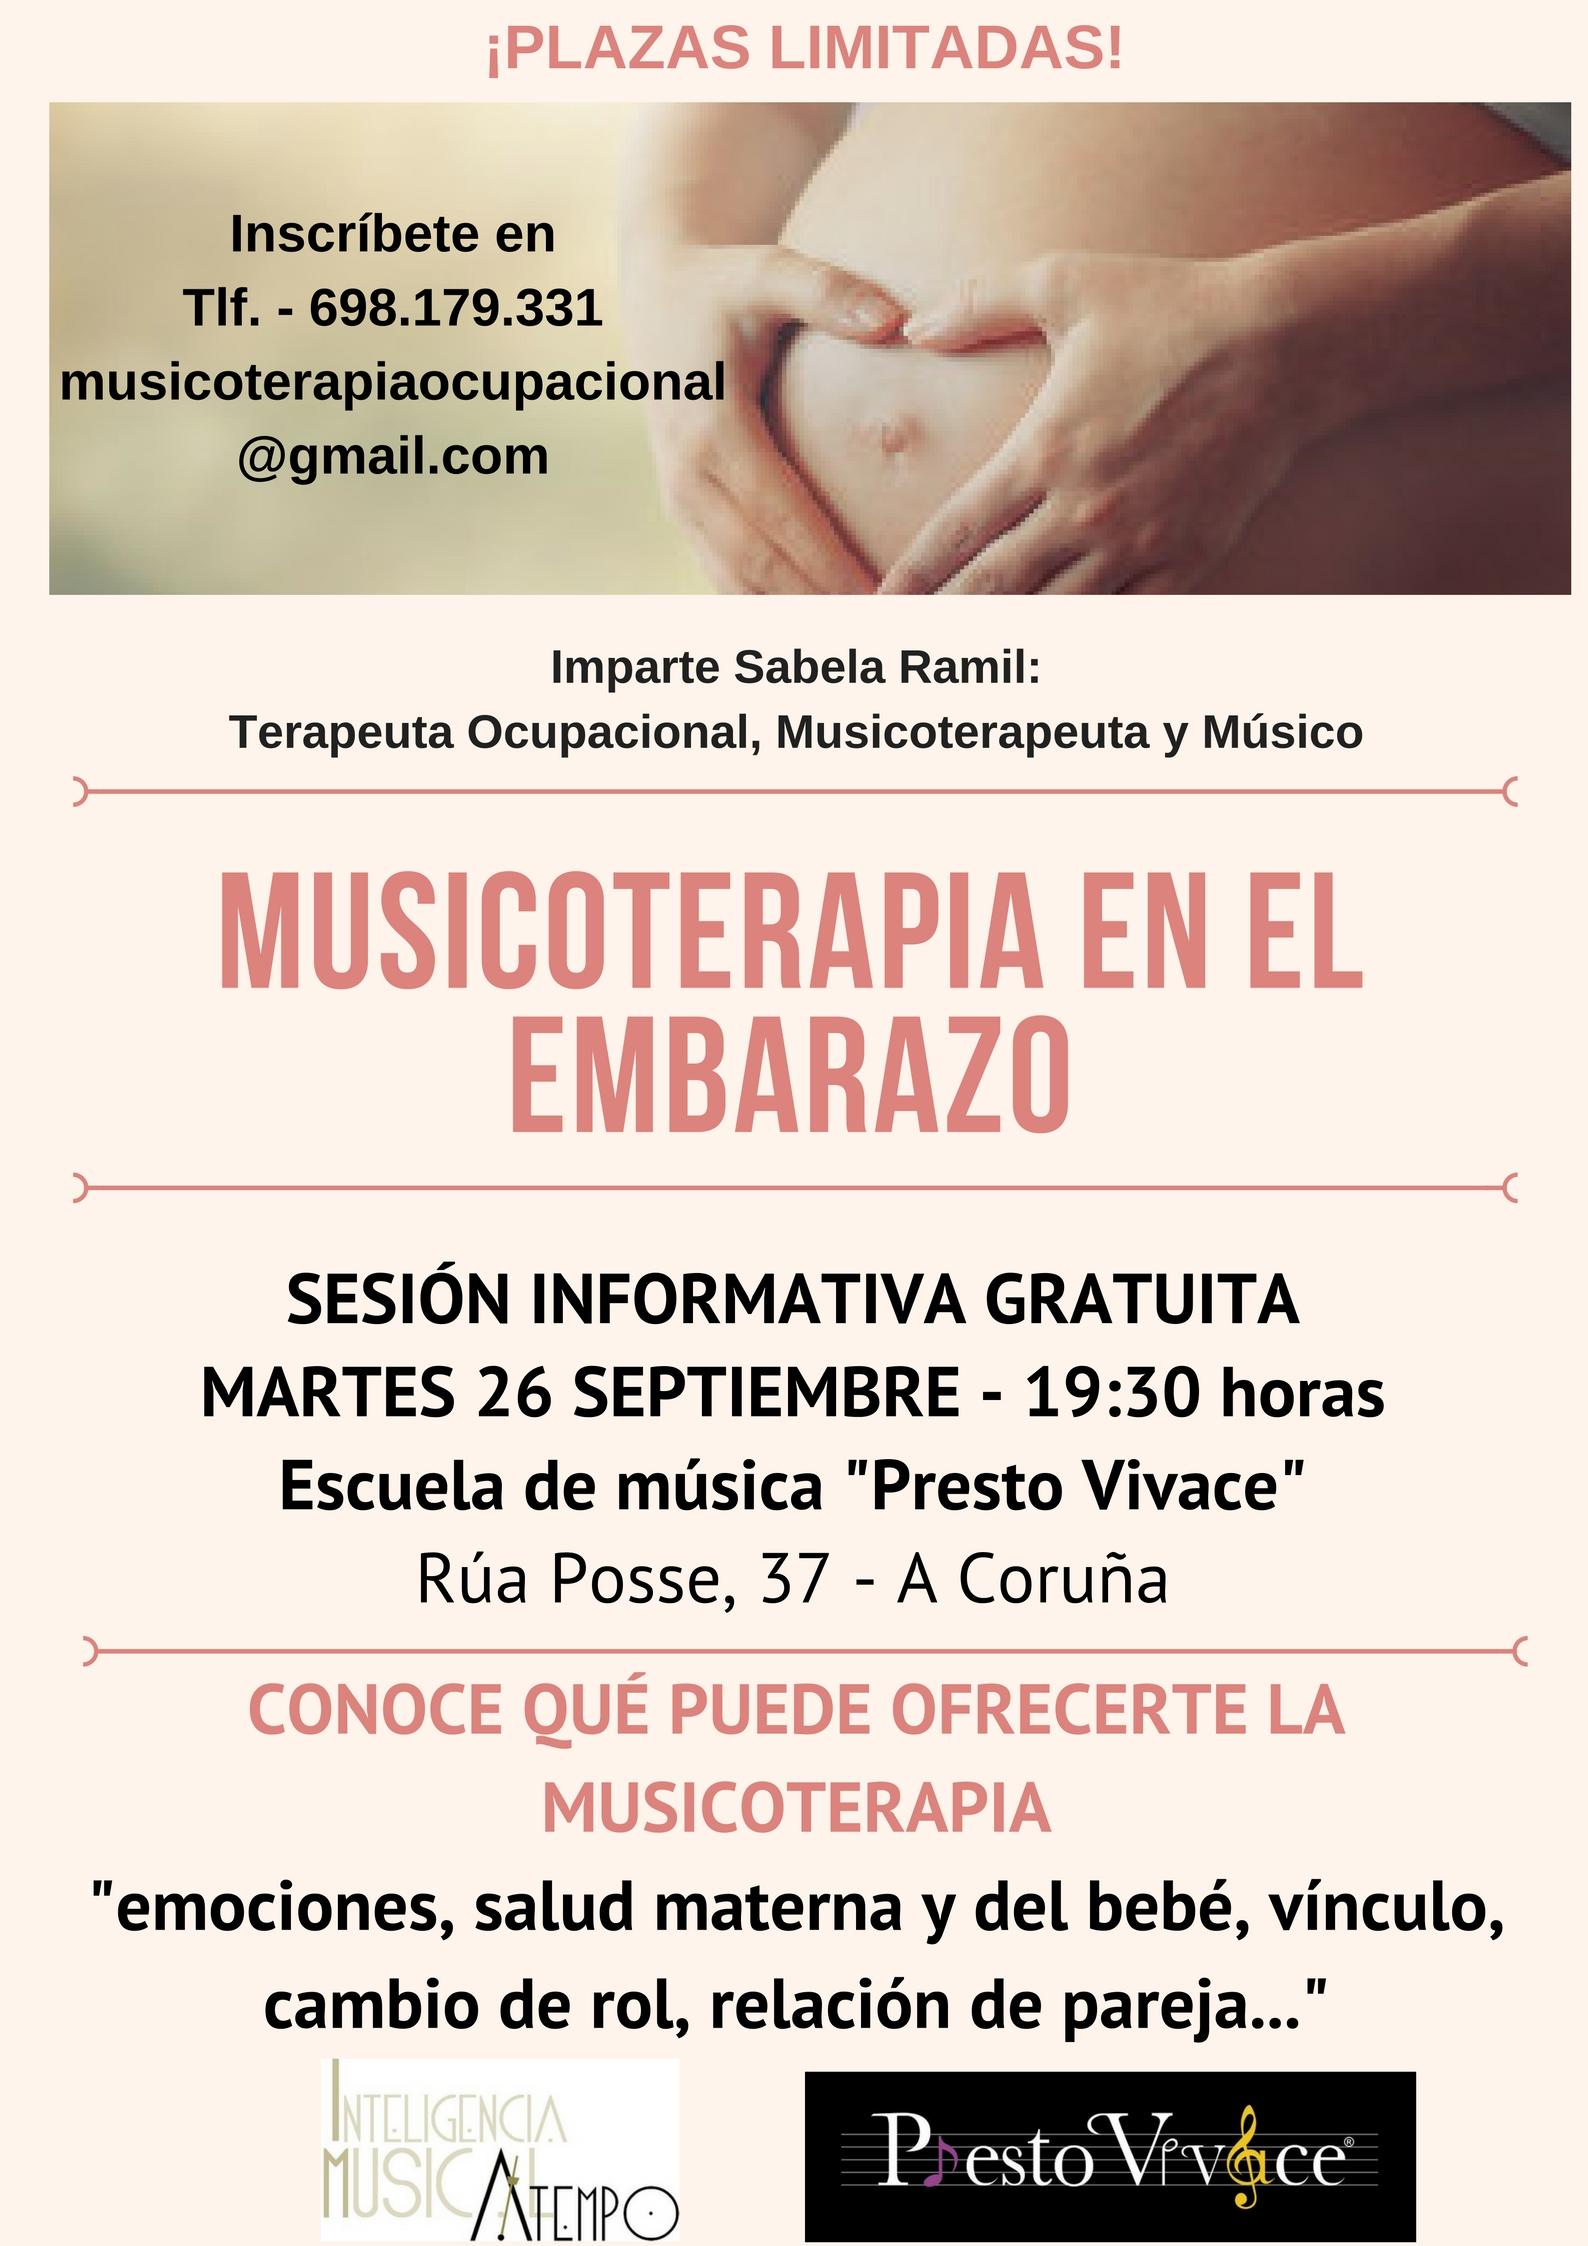 musicoterapia en el embarazo (1).jpg